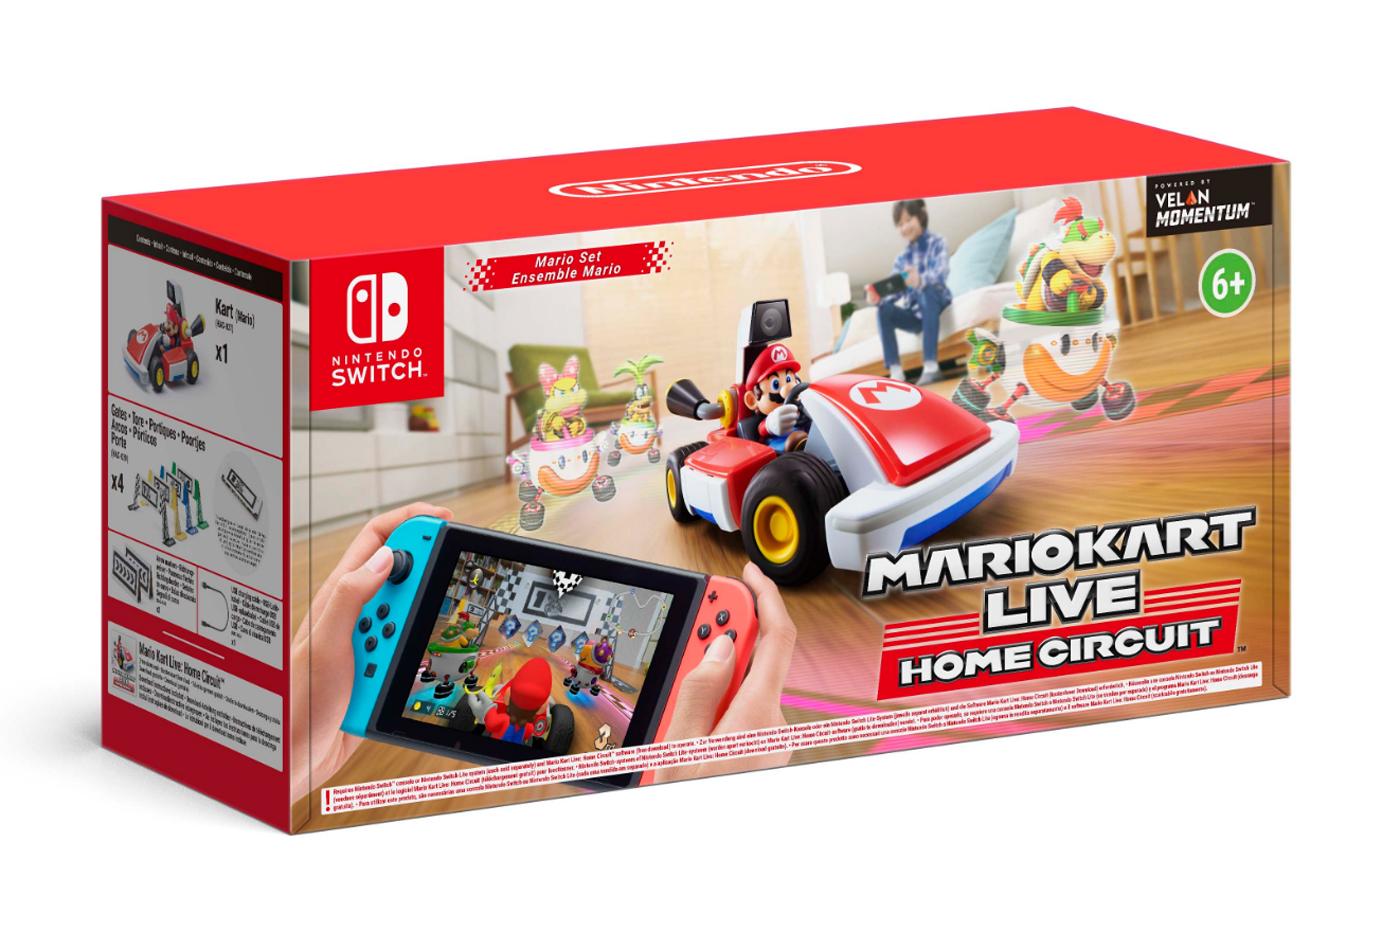 Mario-Kart-Live-Home-Circui